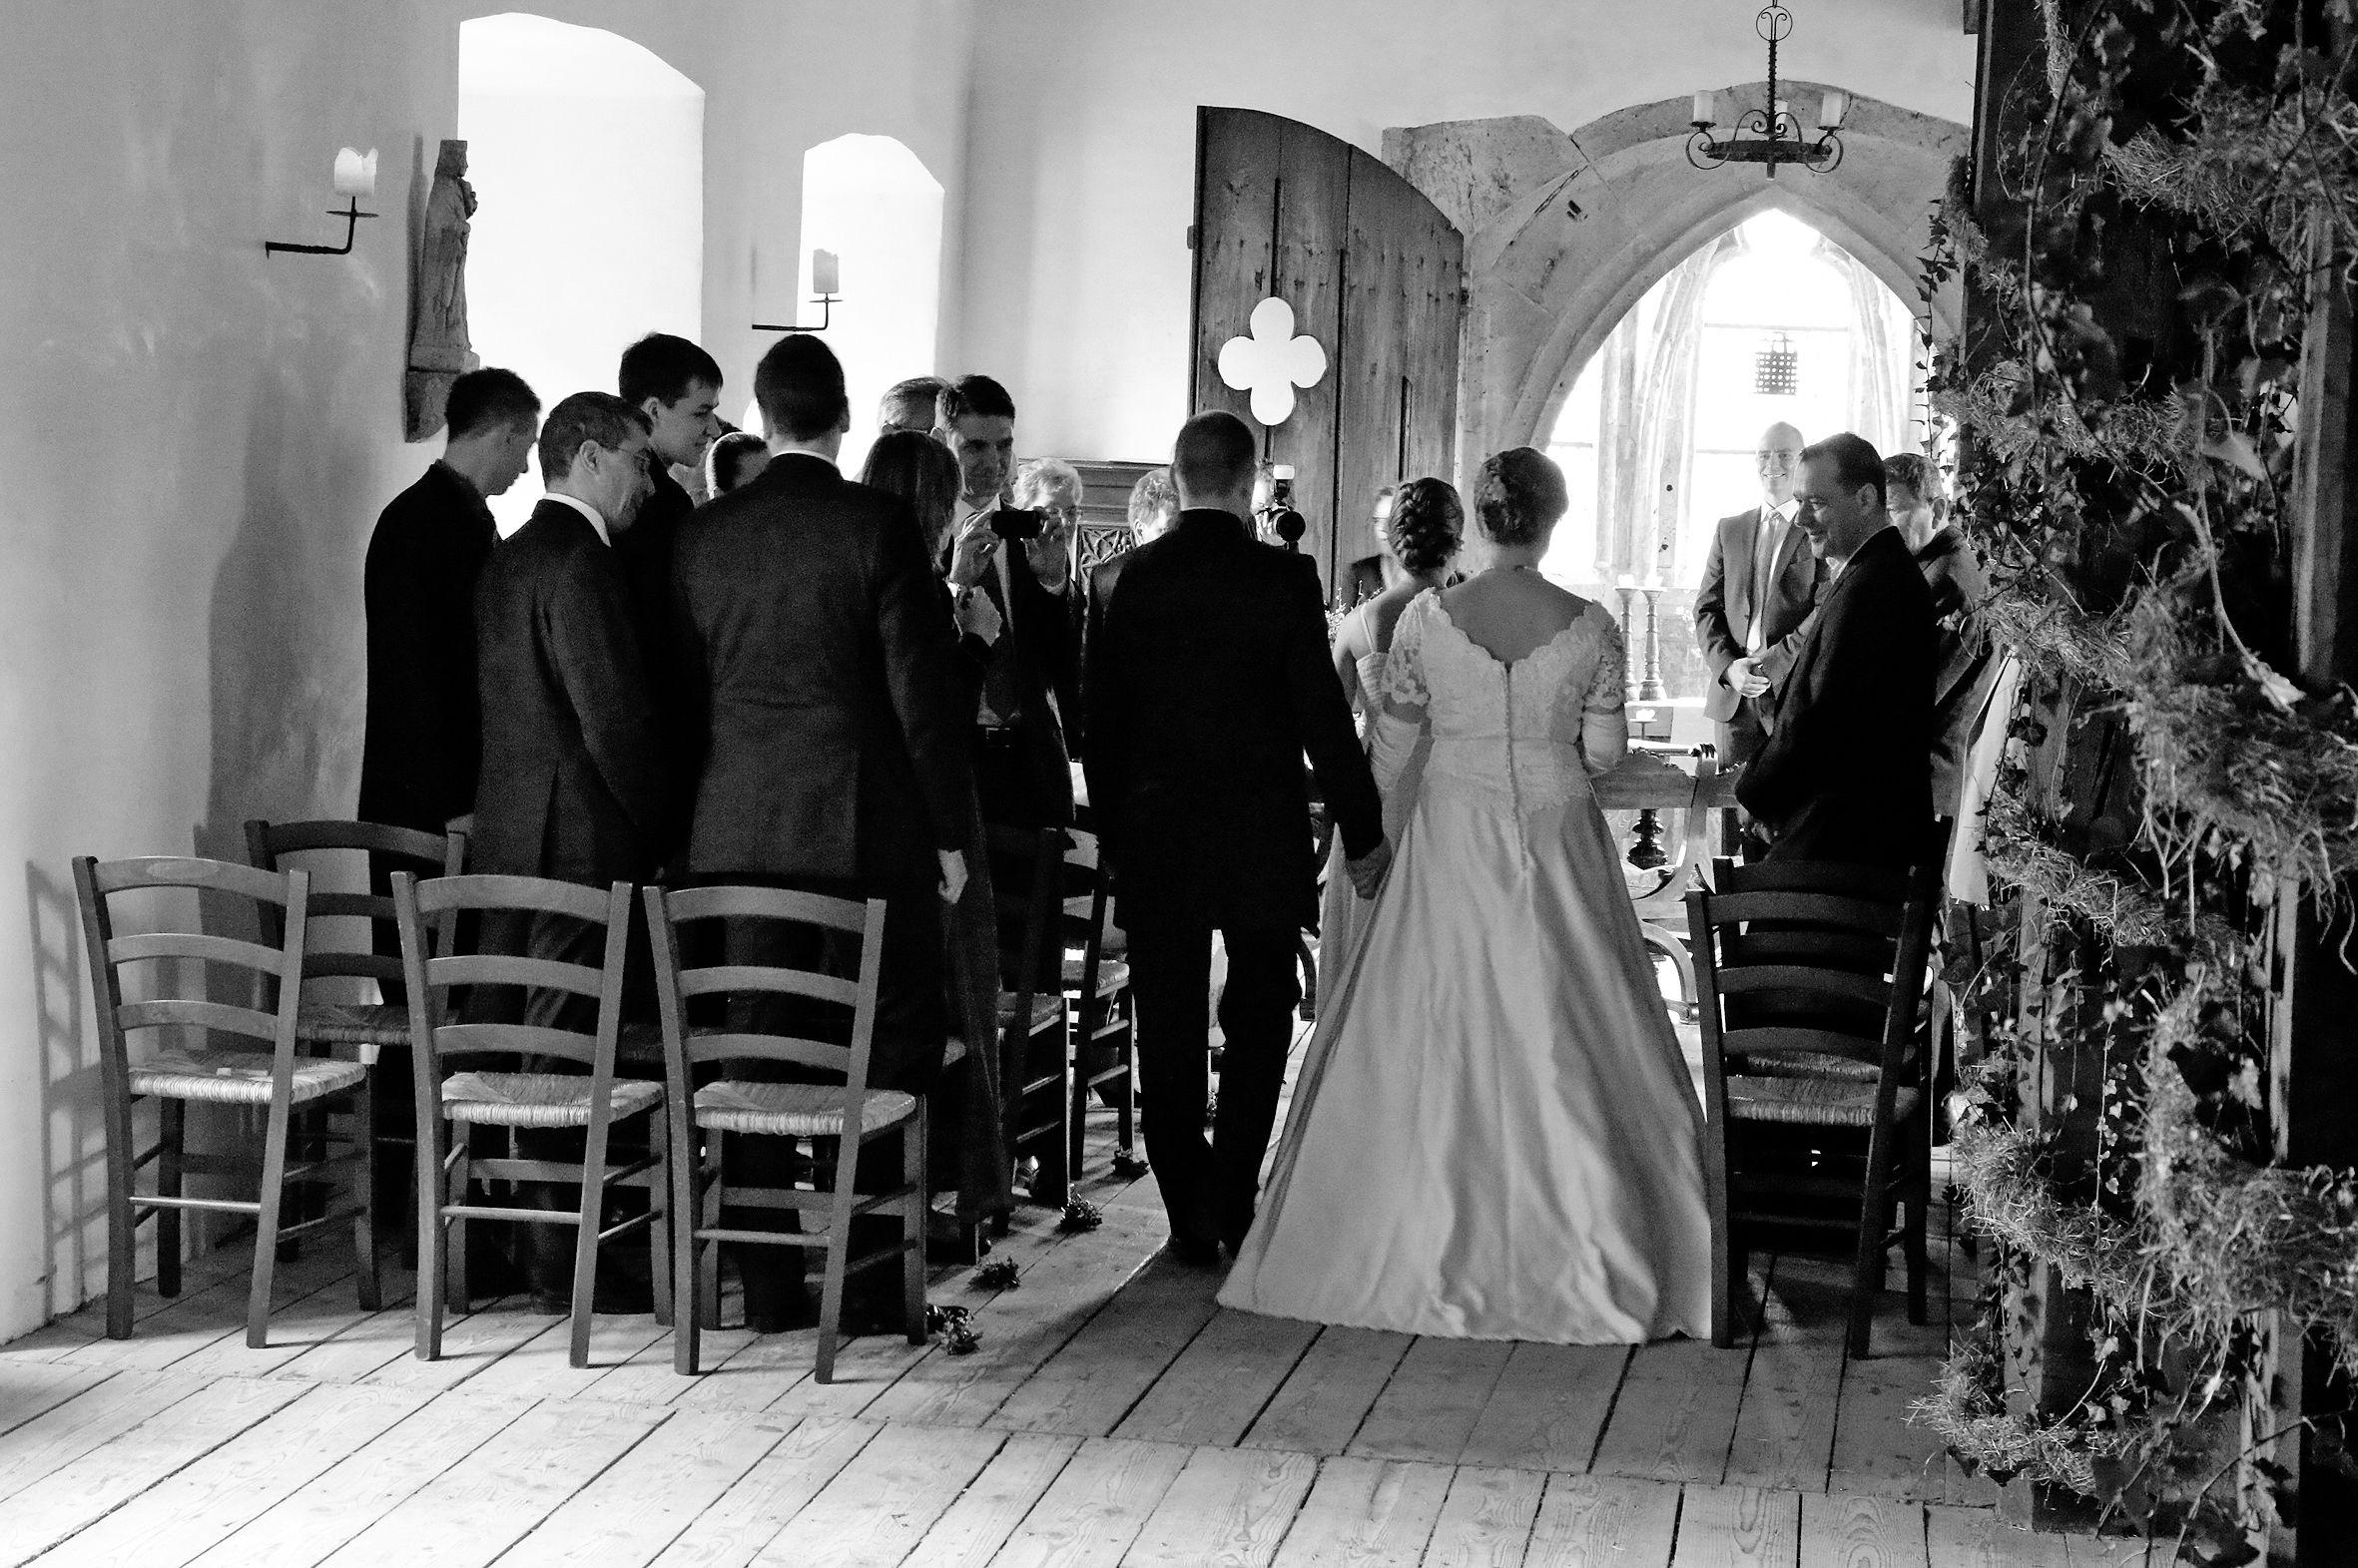 Das Brautpaar Auf Dem Weg Zur Standesbeamtin Dj Brautpaar Hochzeit